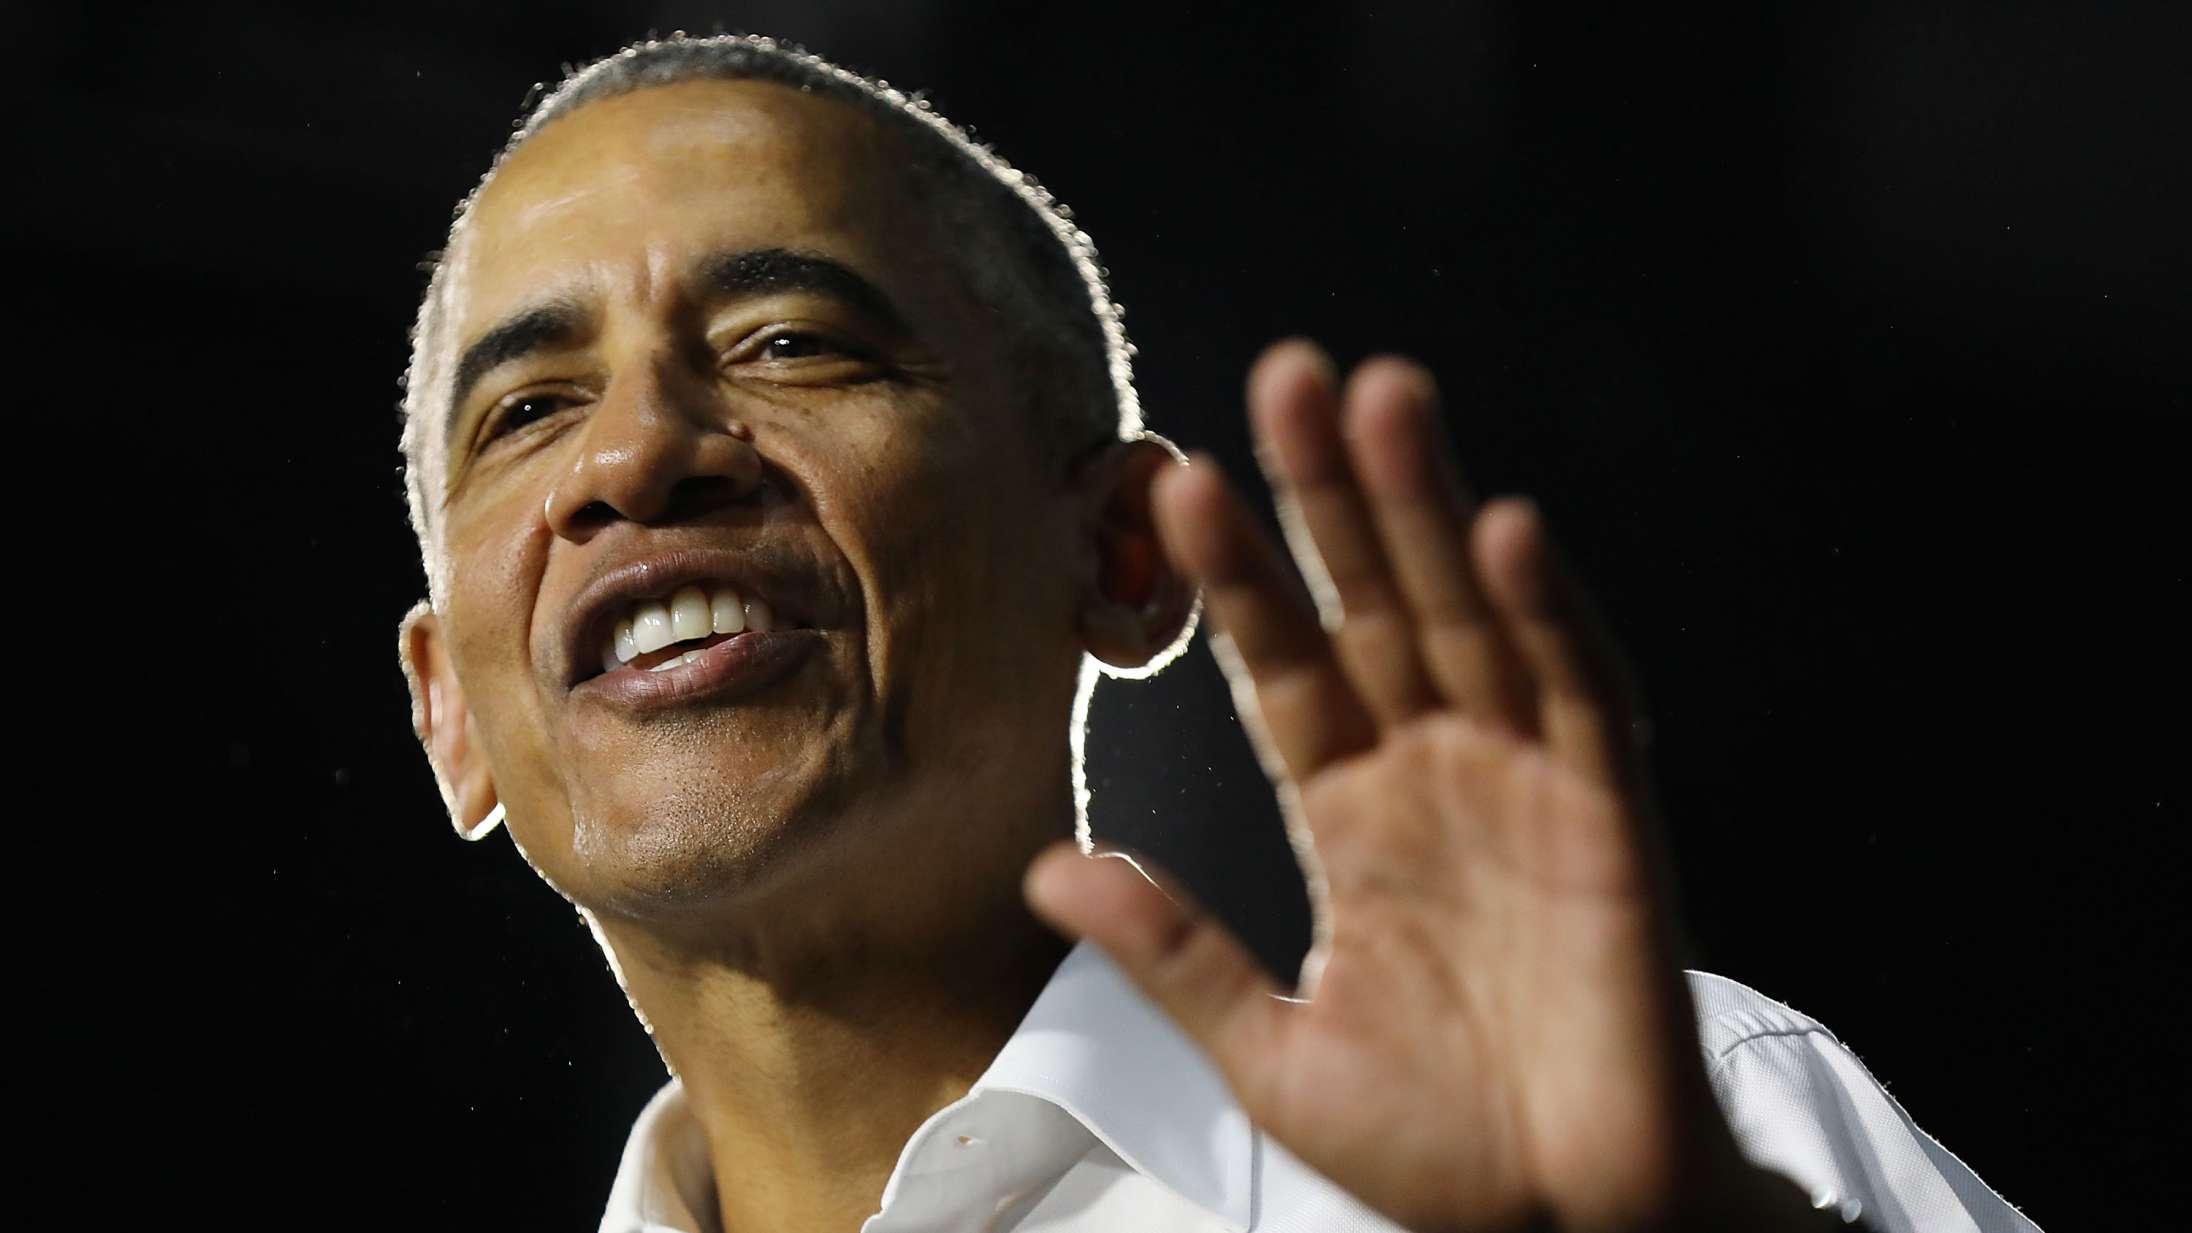 Barack Obama deler sine yndlingsfilm og -sange fra 2018 – og han har god smag som altid